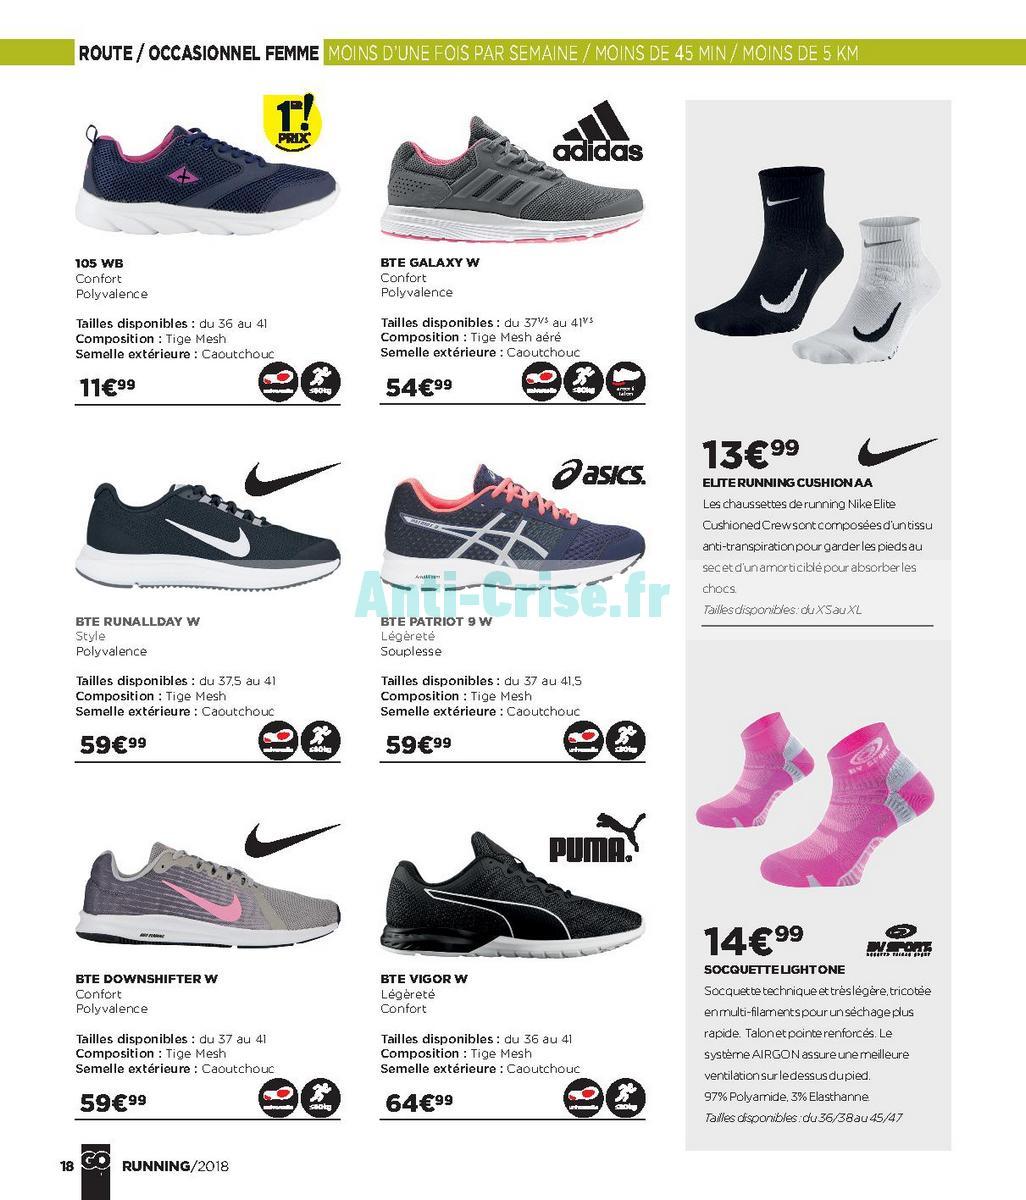 septembre2018 Catalogue Go Sport du 28 avril au 21 septembre 2018 (Running) (18)